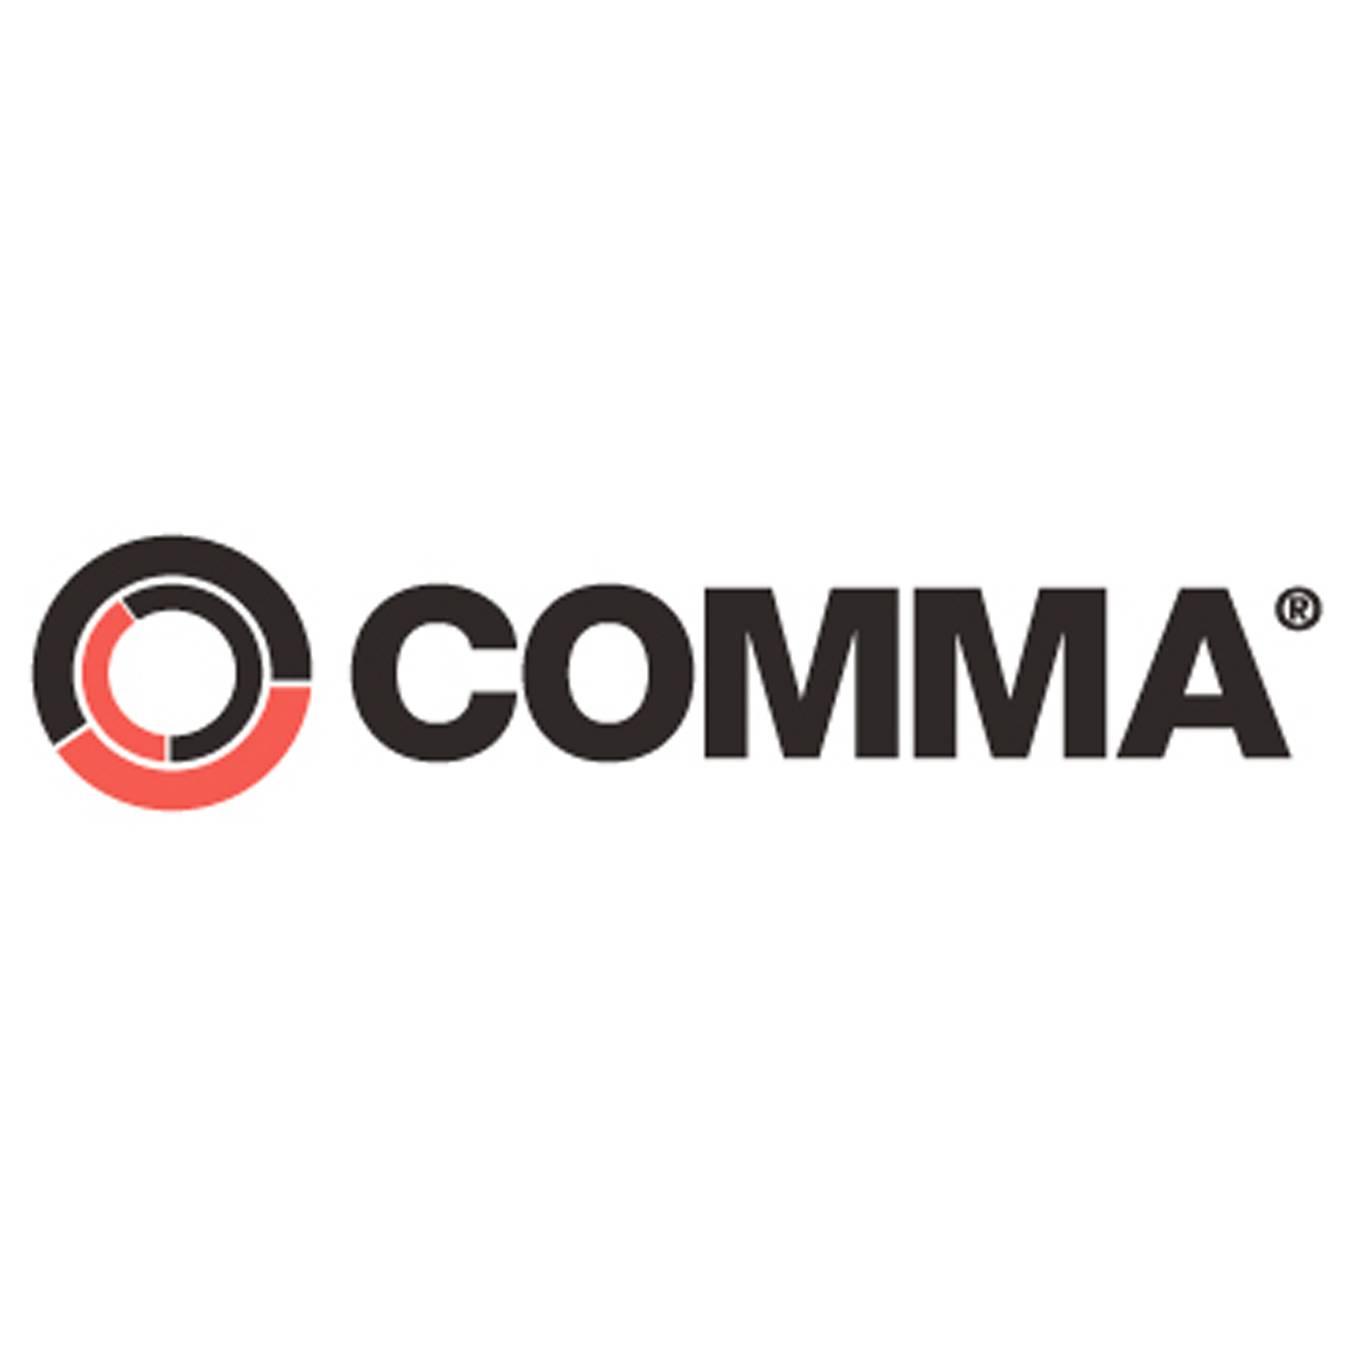 comma_oil.jpg